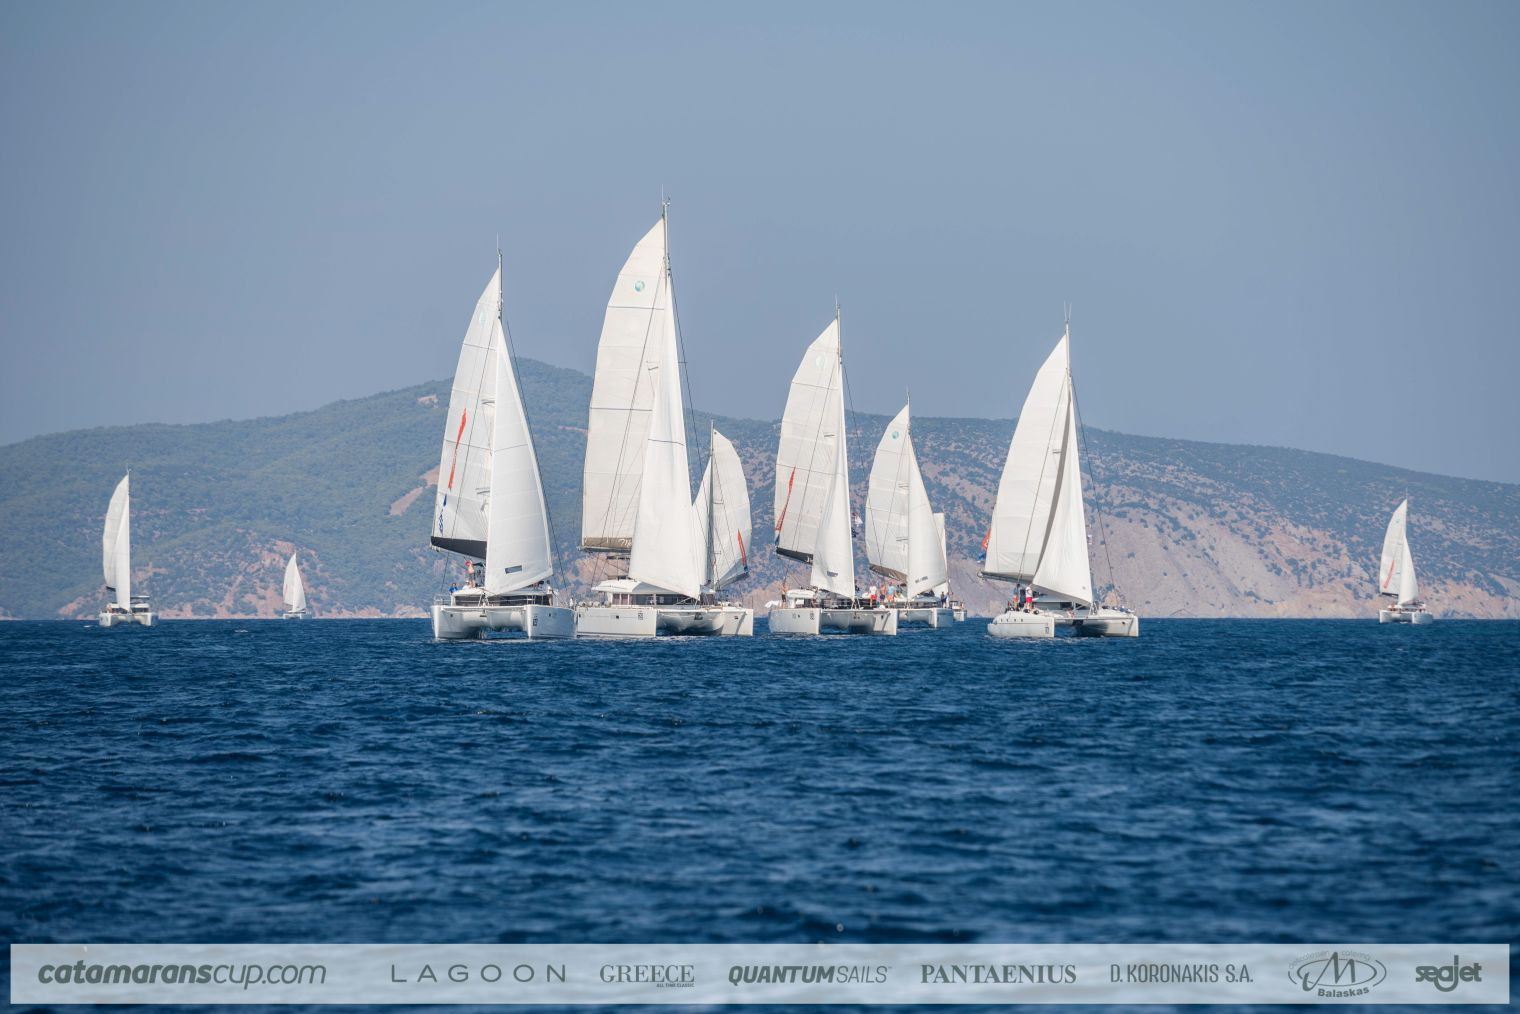 Lagoon célèbre les 10 ans de la Catamarans Cup !